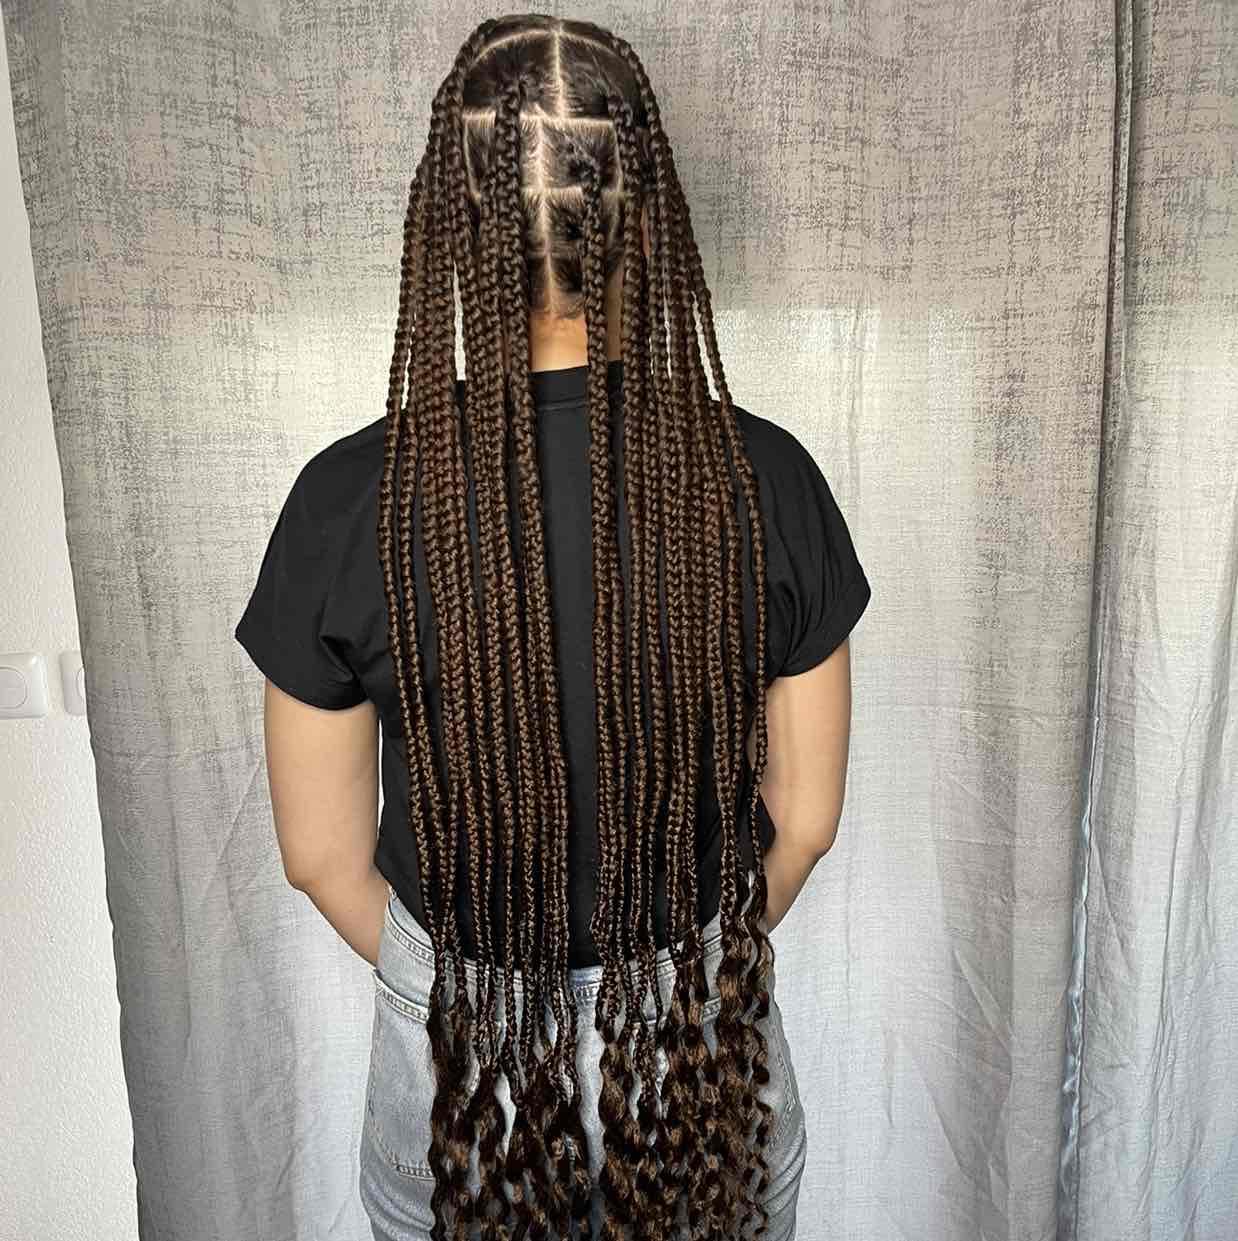 salon de coiffure afro tresse tresses box braids crochet braids vanilles tissages paris 75 77 78 91 92 93 94 95 WWPDLUKO